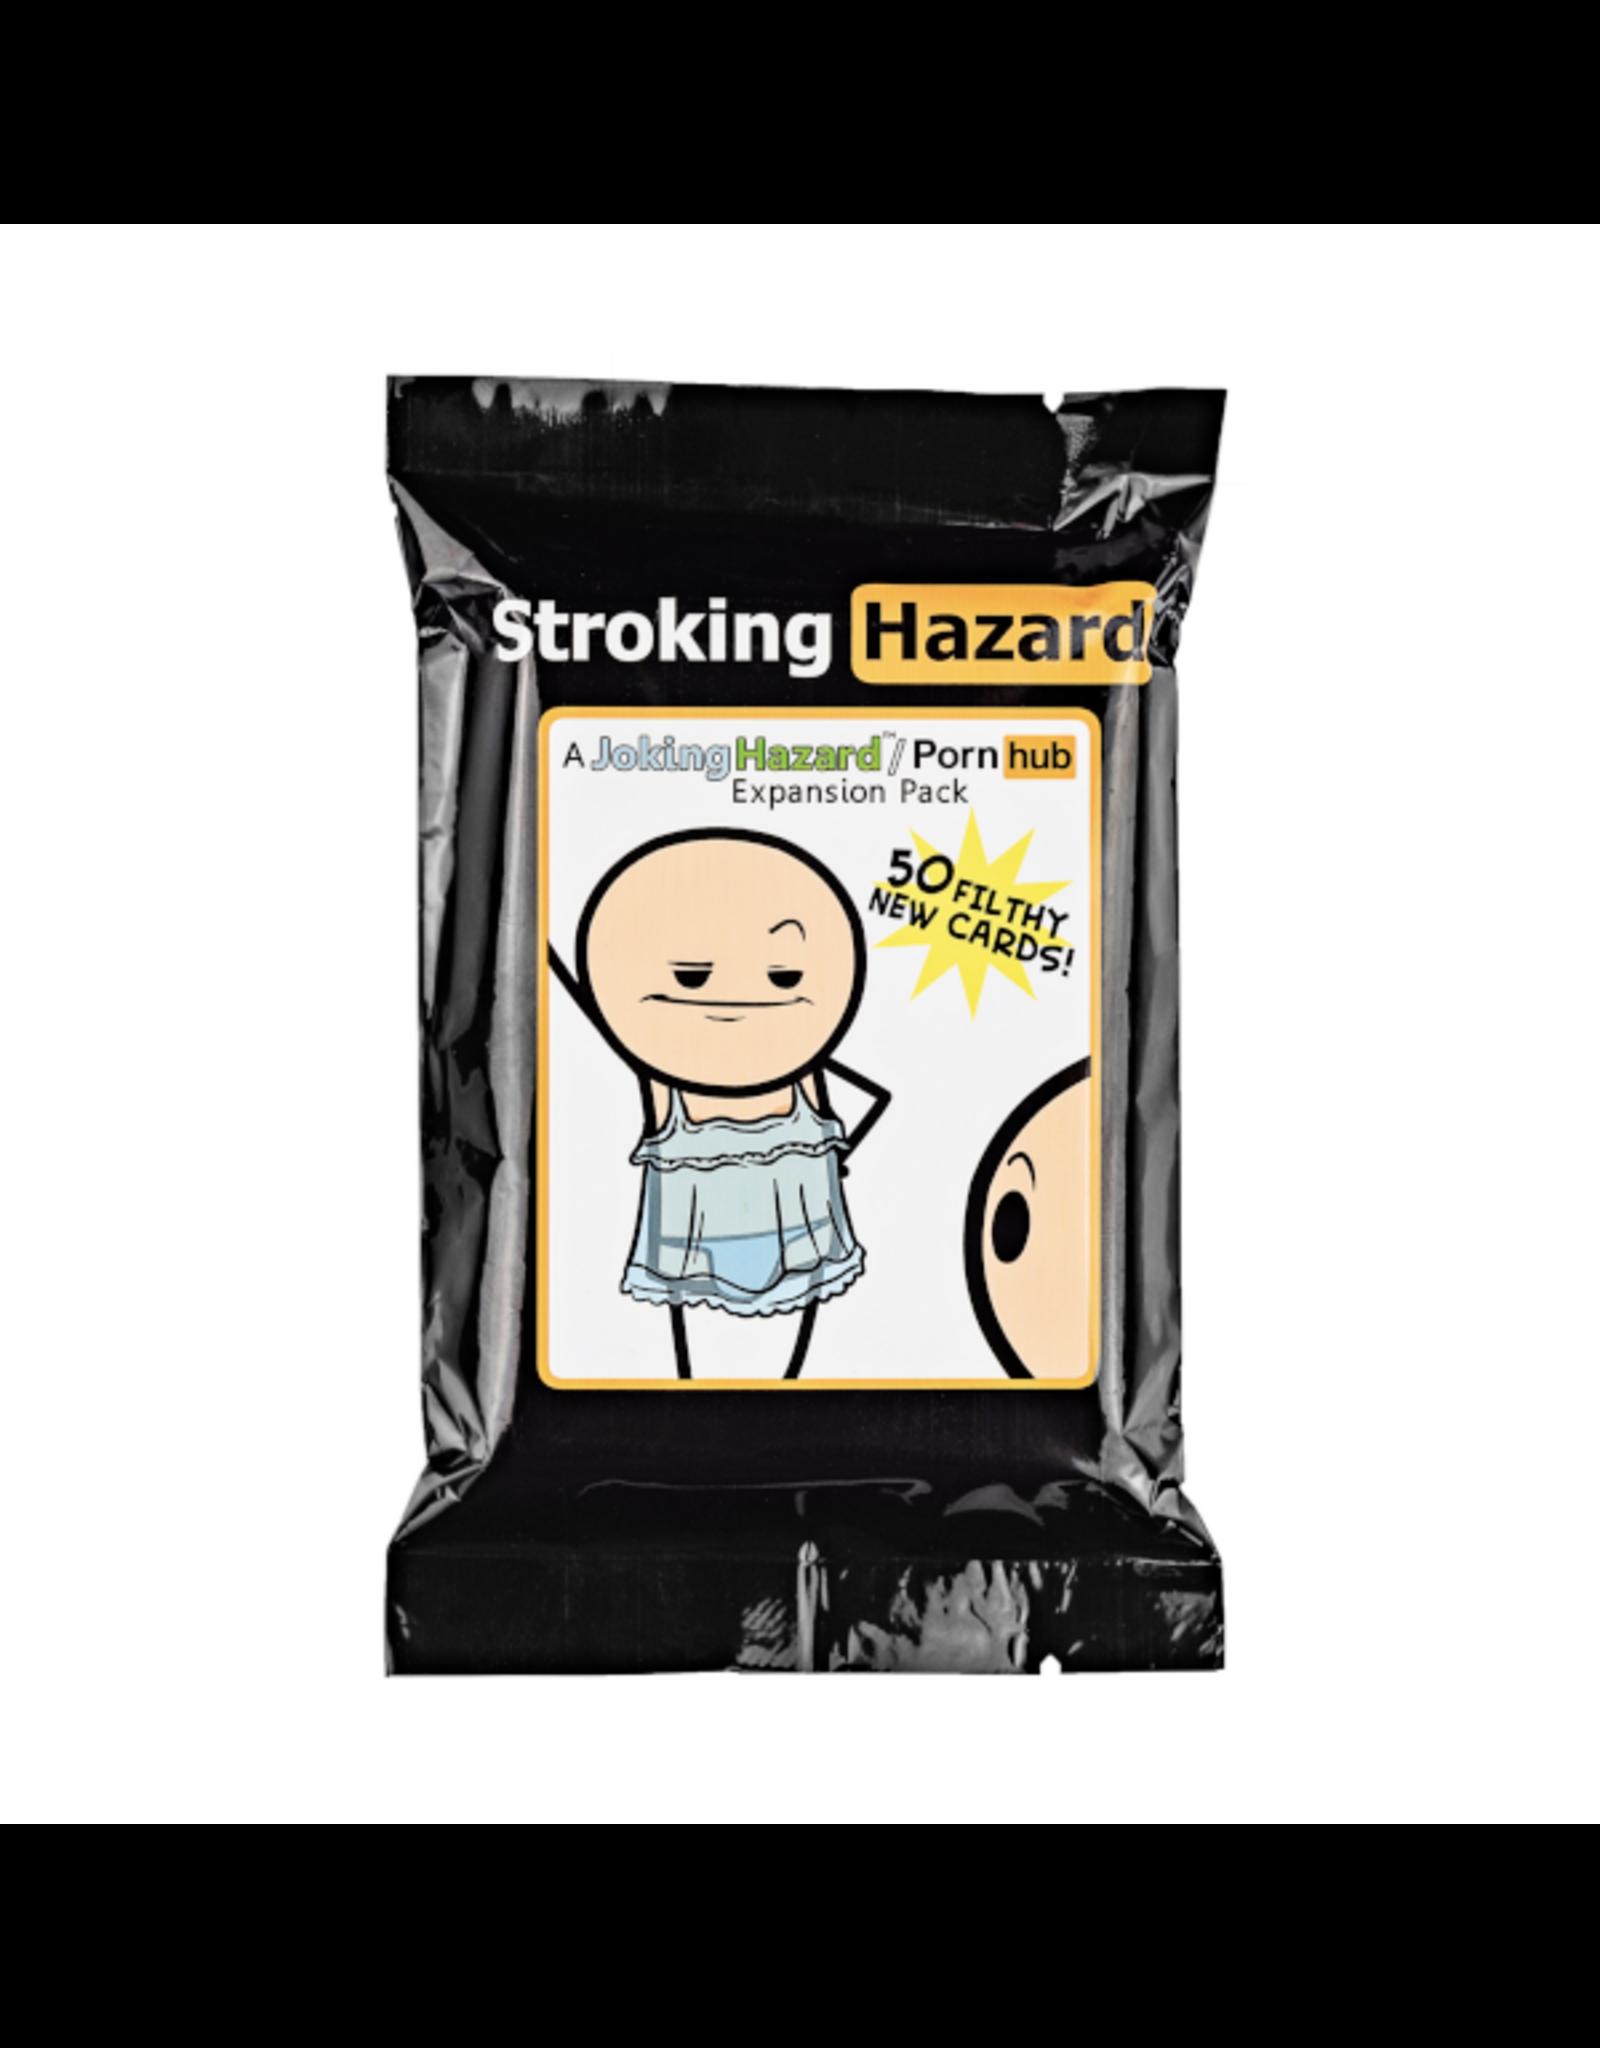 Breaking Games Joking Hazard : Stroking Hazard [anglais]